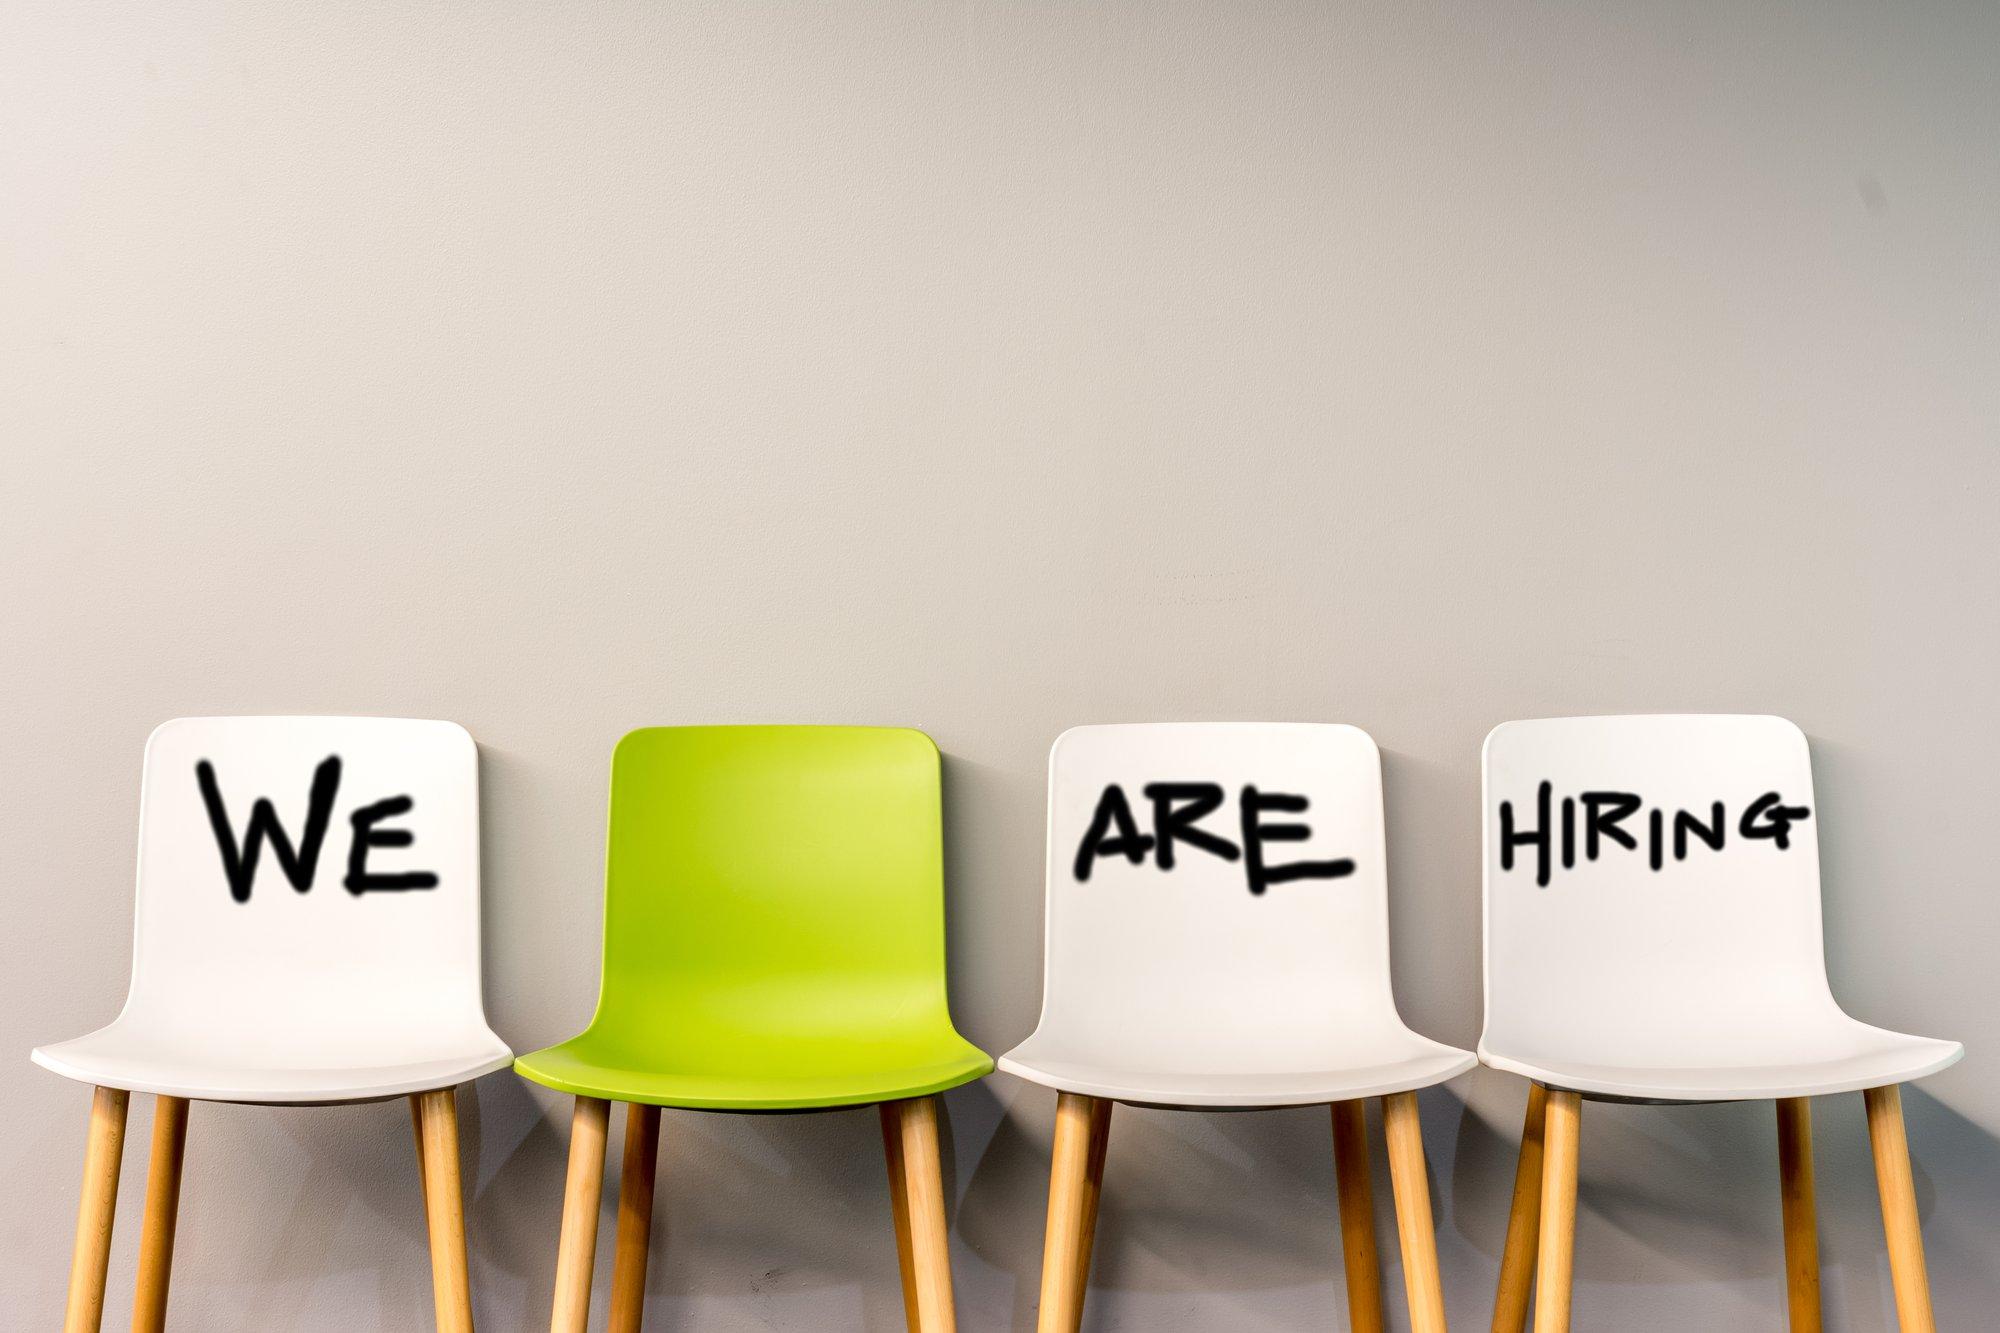 De voordelen van een candidate persona bij rekrutering